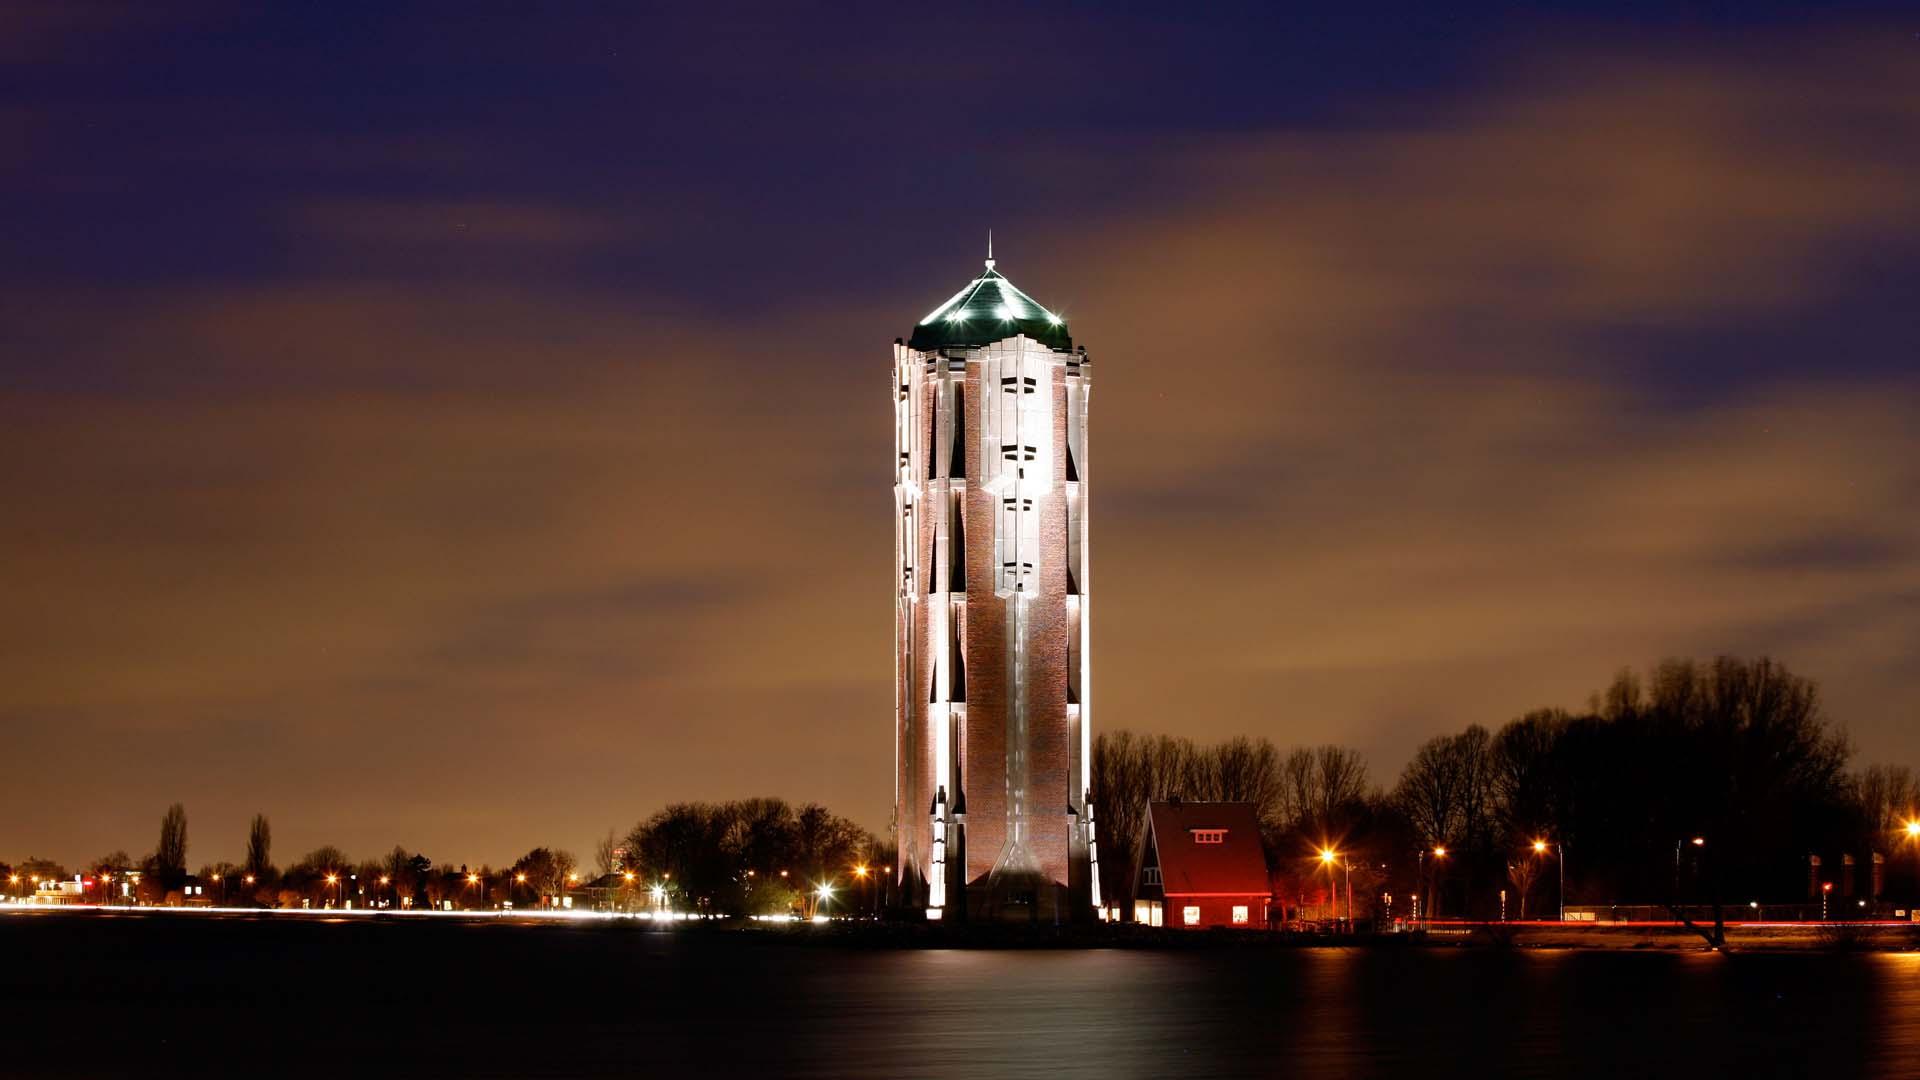 Verlichting watertoren aalsmeer ipv delft creatieve ingenieurs